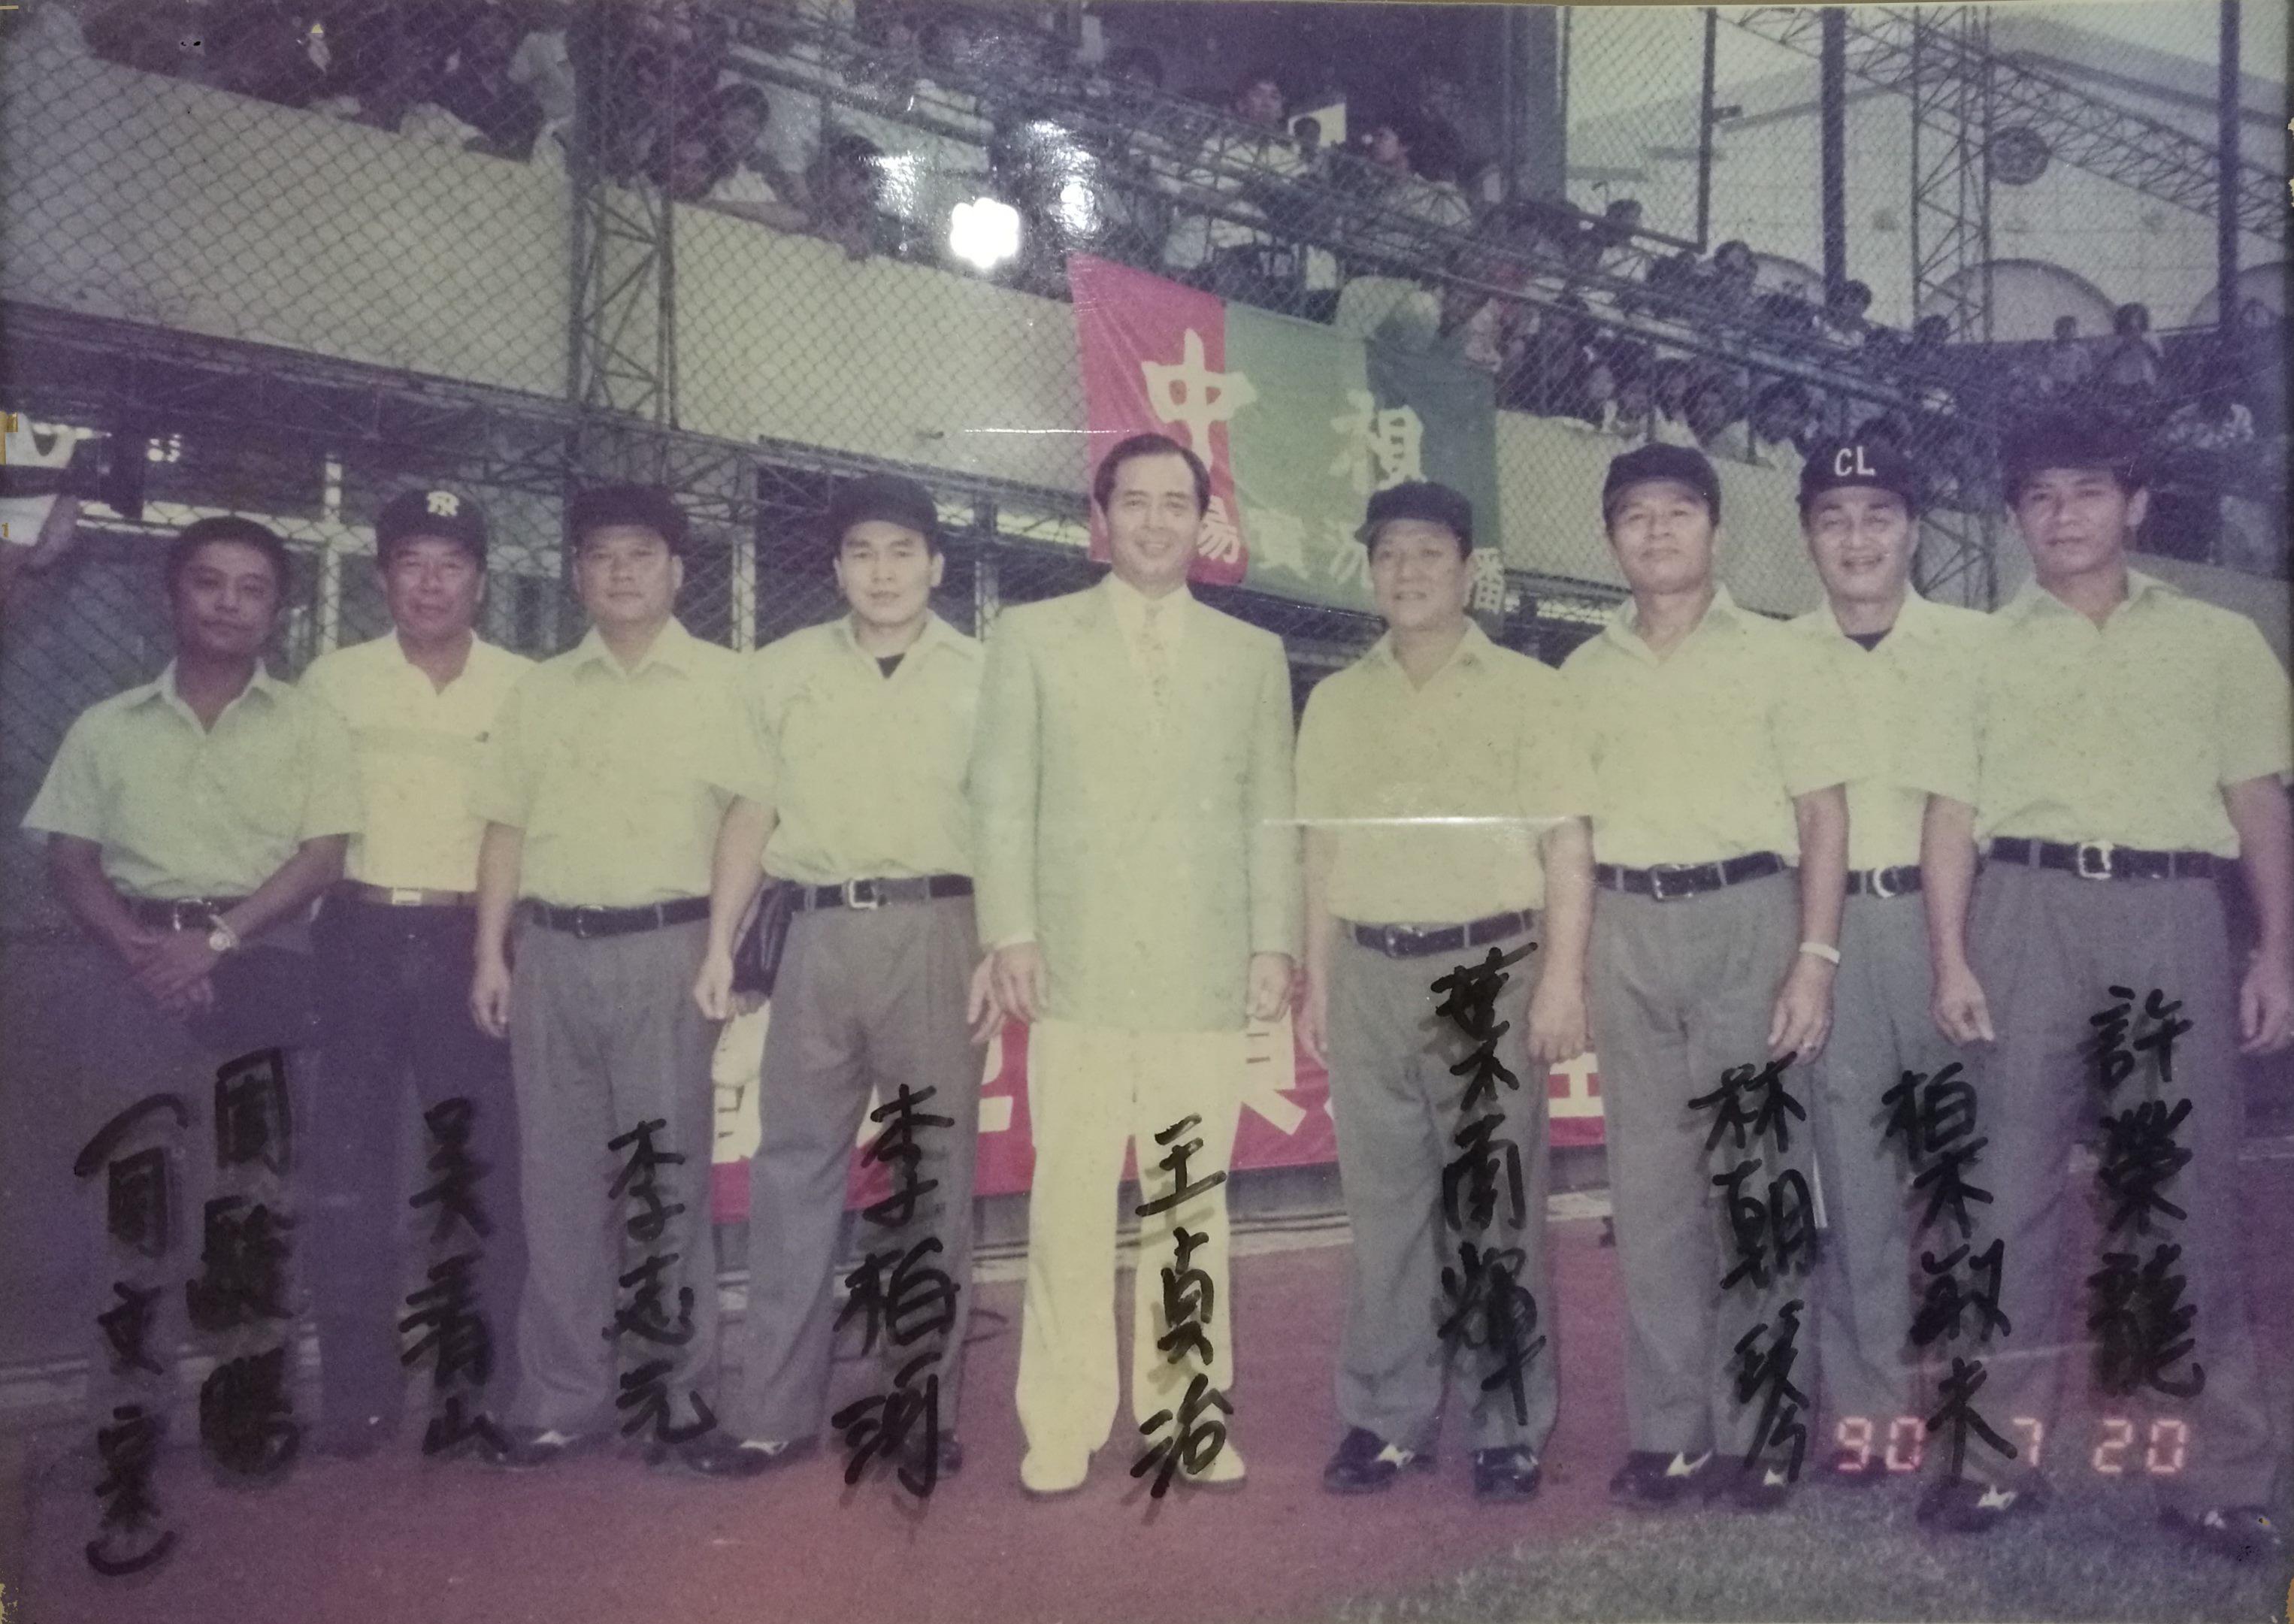 周思齊珍藏的1990年王貞治來台灣與裁判合照也在台北探索館展出